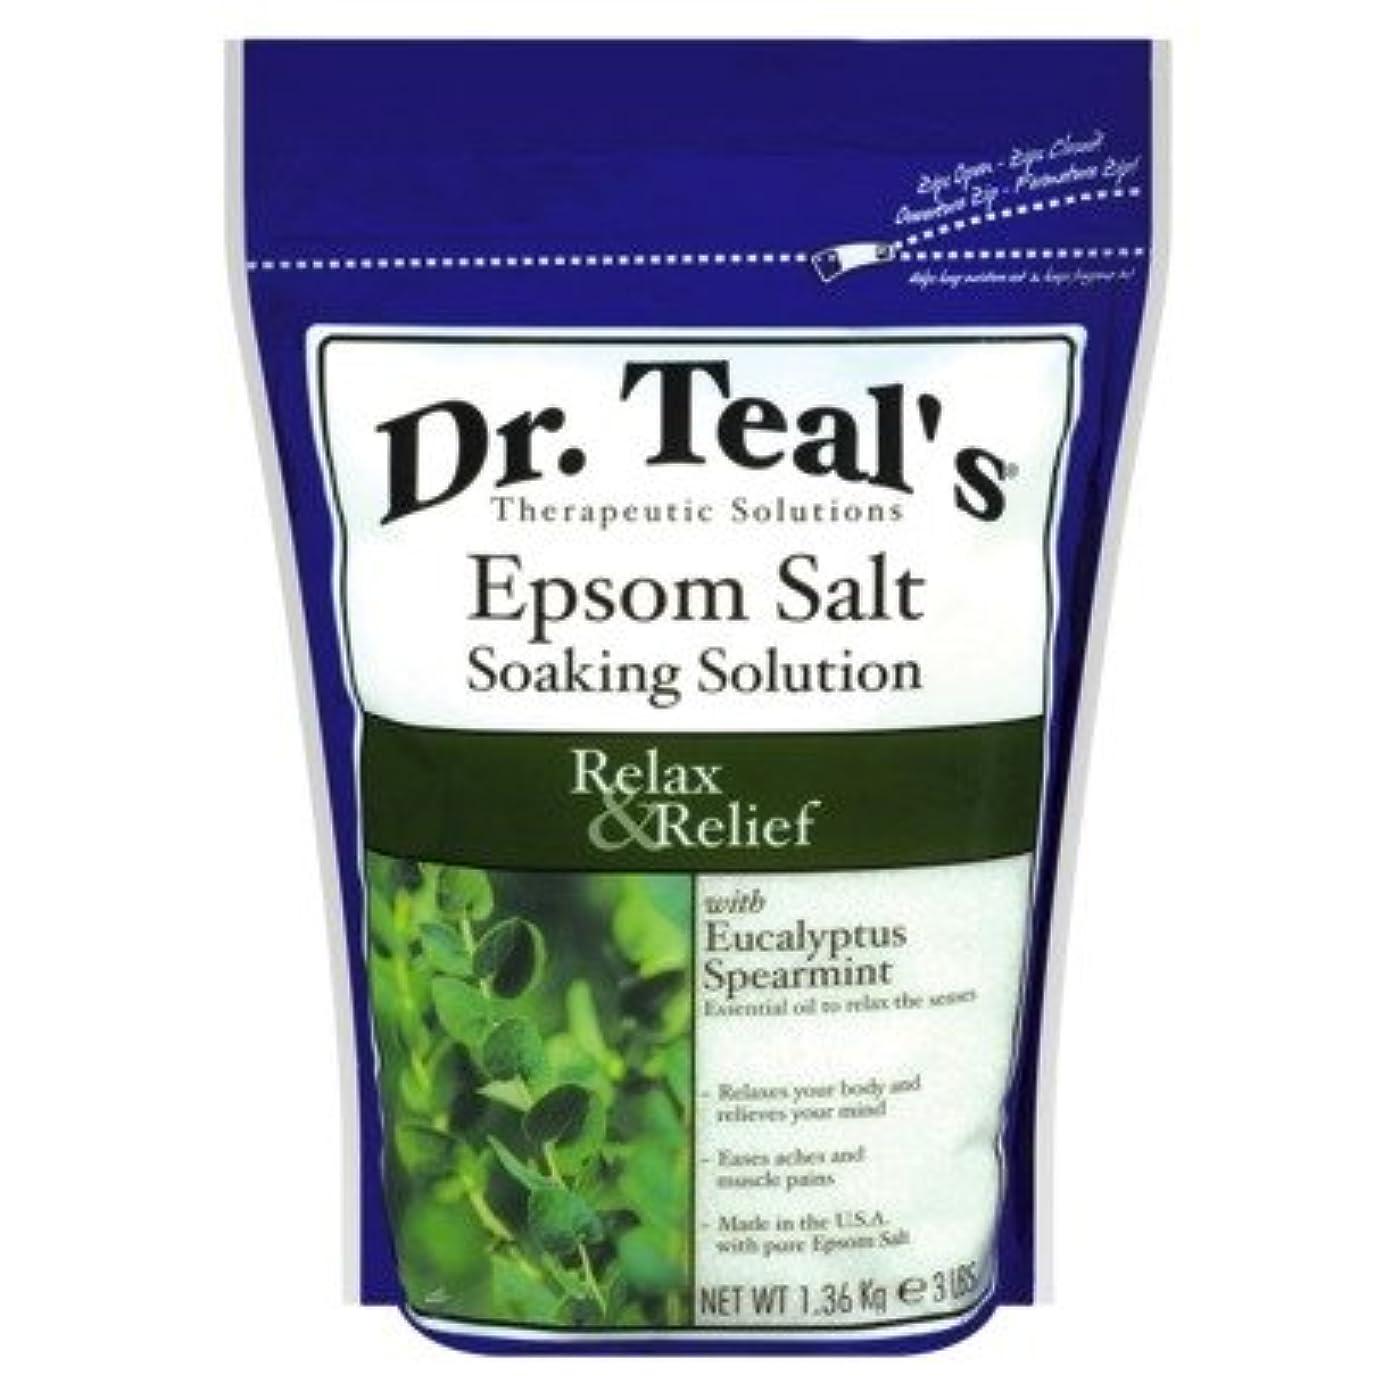 【海外直送】リラックス効果 Dr. Teal's Relax Epsom Salt Eucalyptus Spearmint Soaking Solution ユーカリ&スペアミント 1.36kg